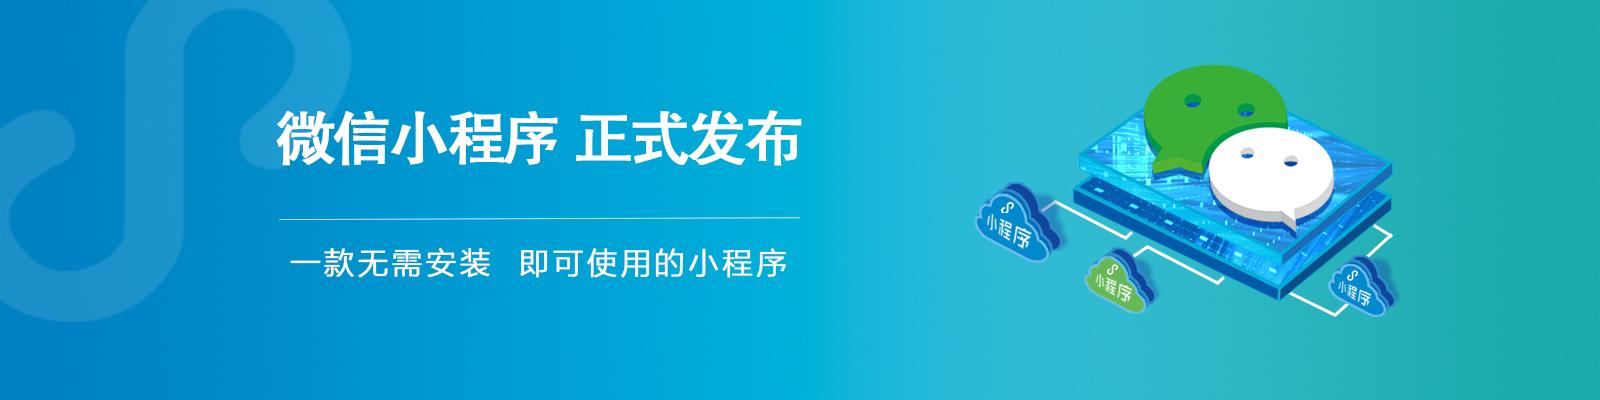 亚搏体育手机版网站营销